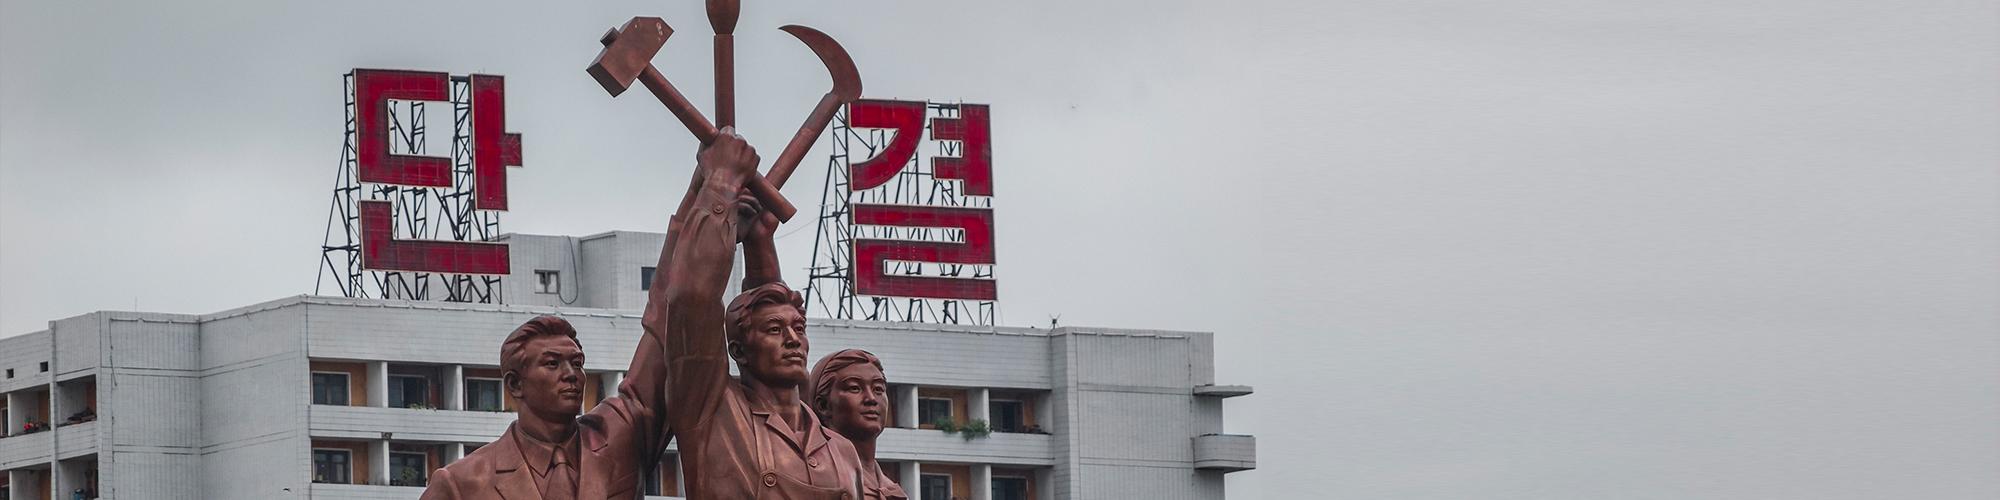 La inimaginable Corea del Norte - El País Viajes